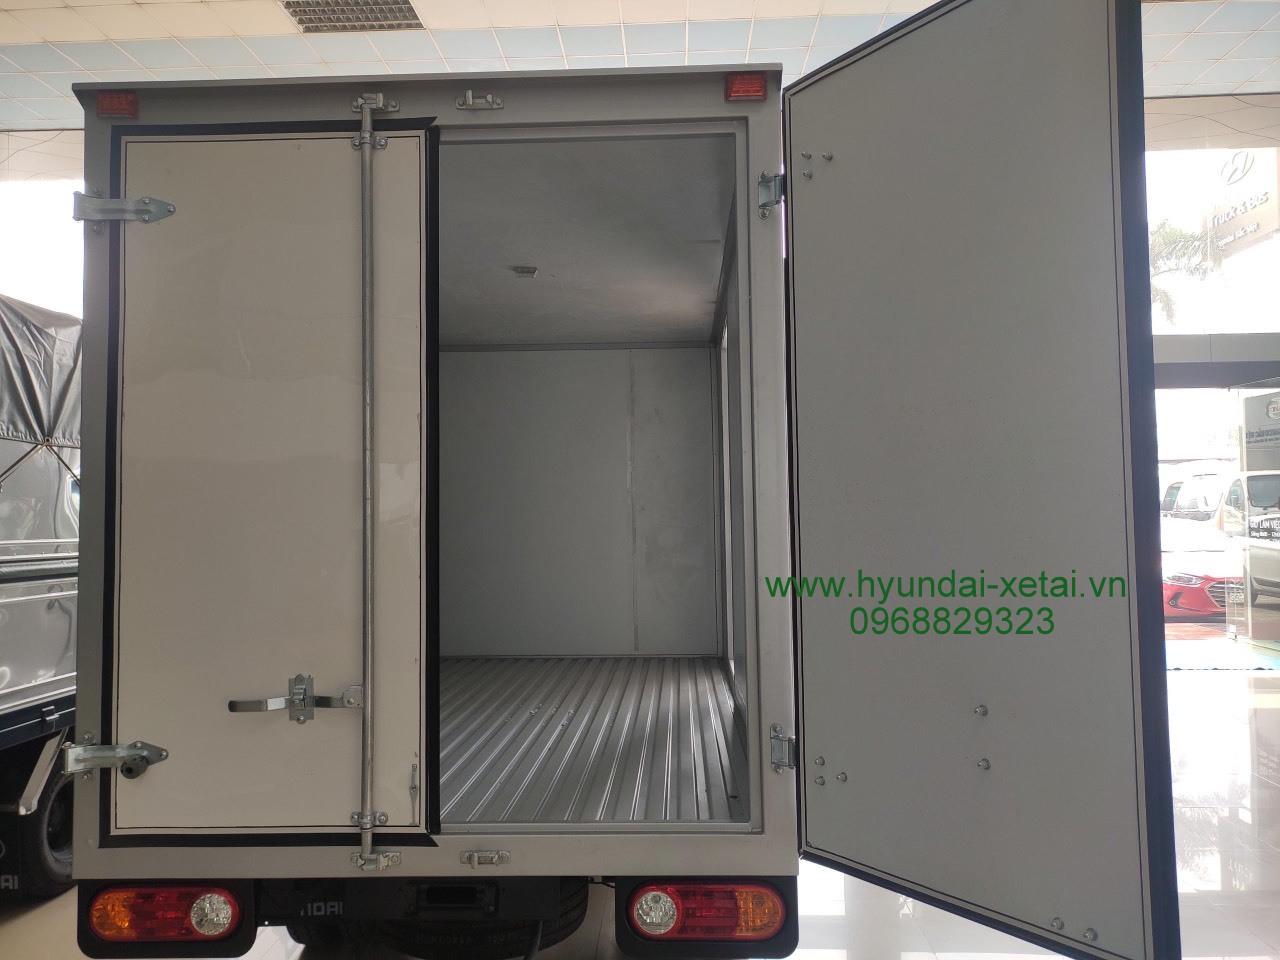 xe tải H150 Hyundai